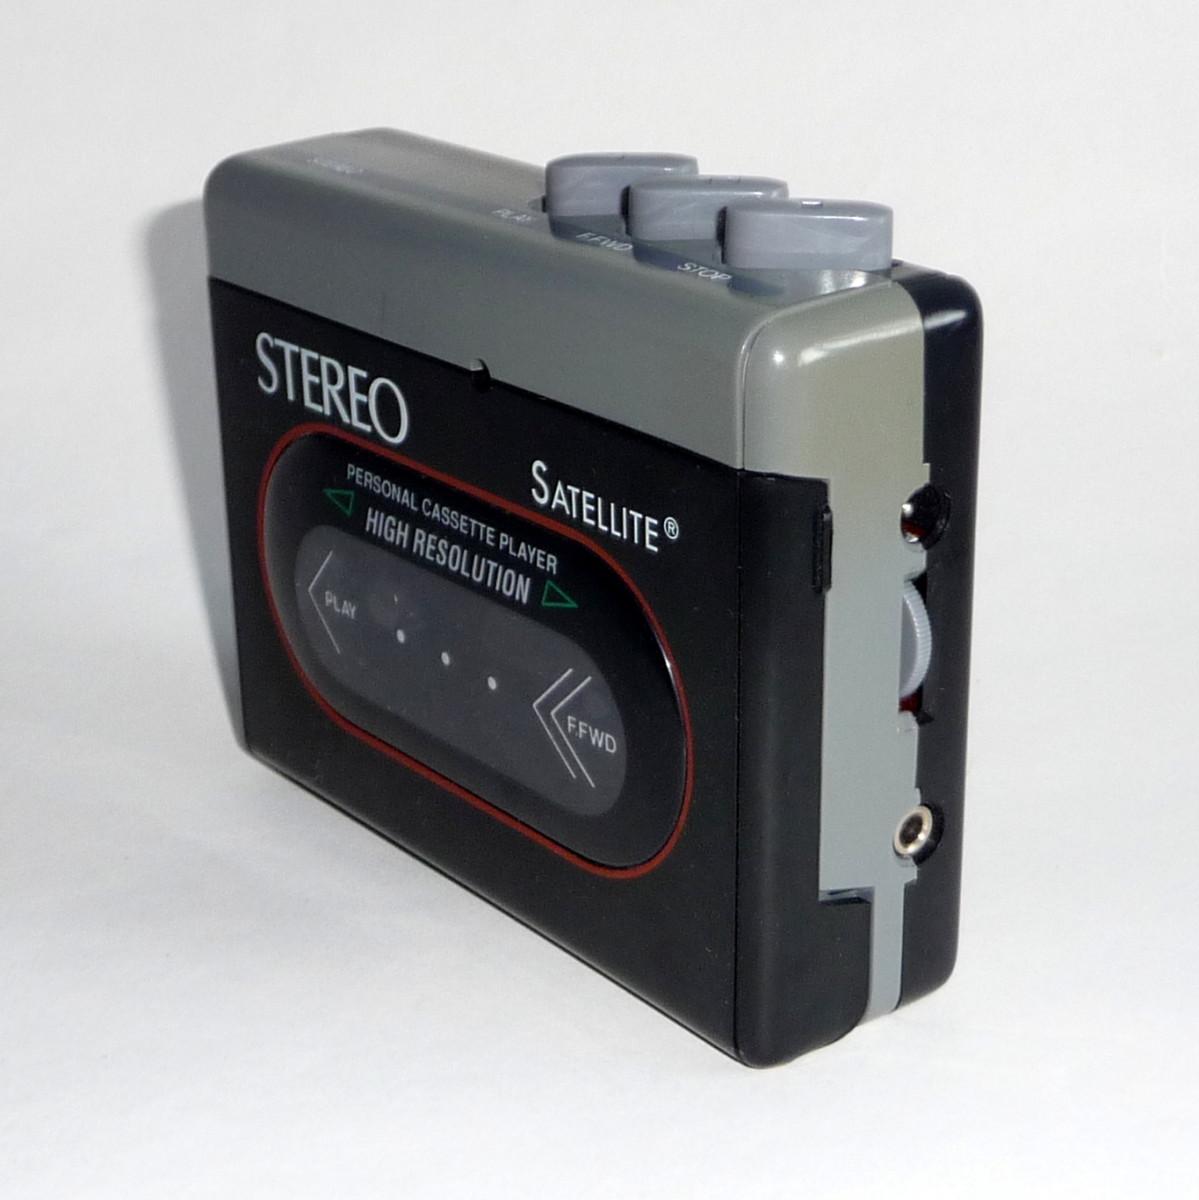 Vintage portable cassette player